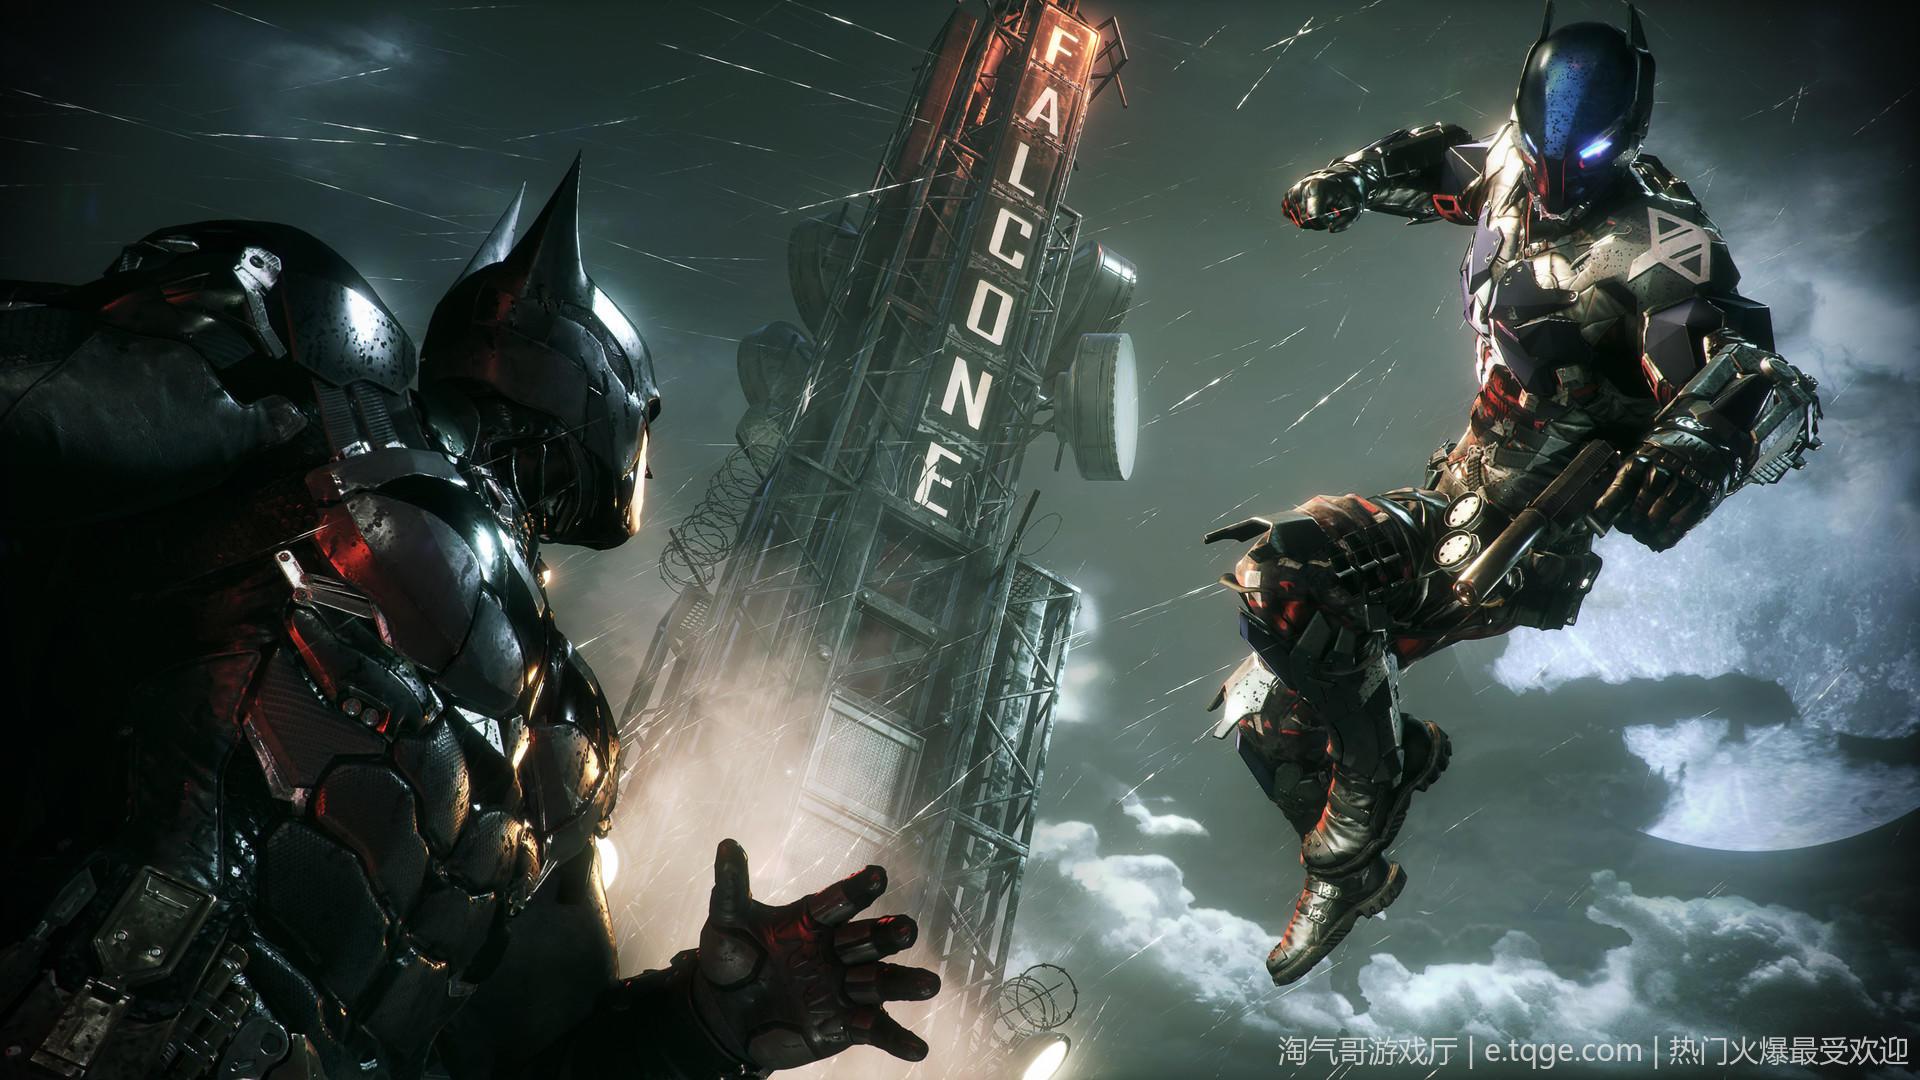 蝙蝠侠:阿卡姆骑士/阿甘骑士 全DLC版 动作冒险 第5张